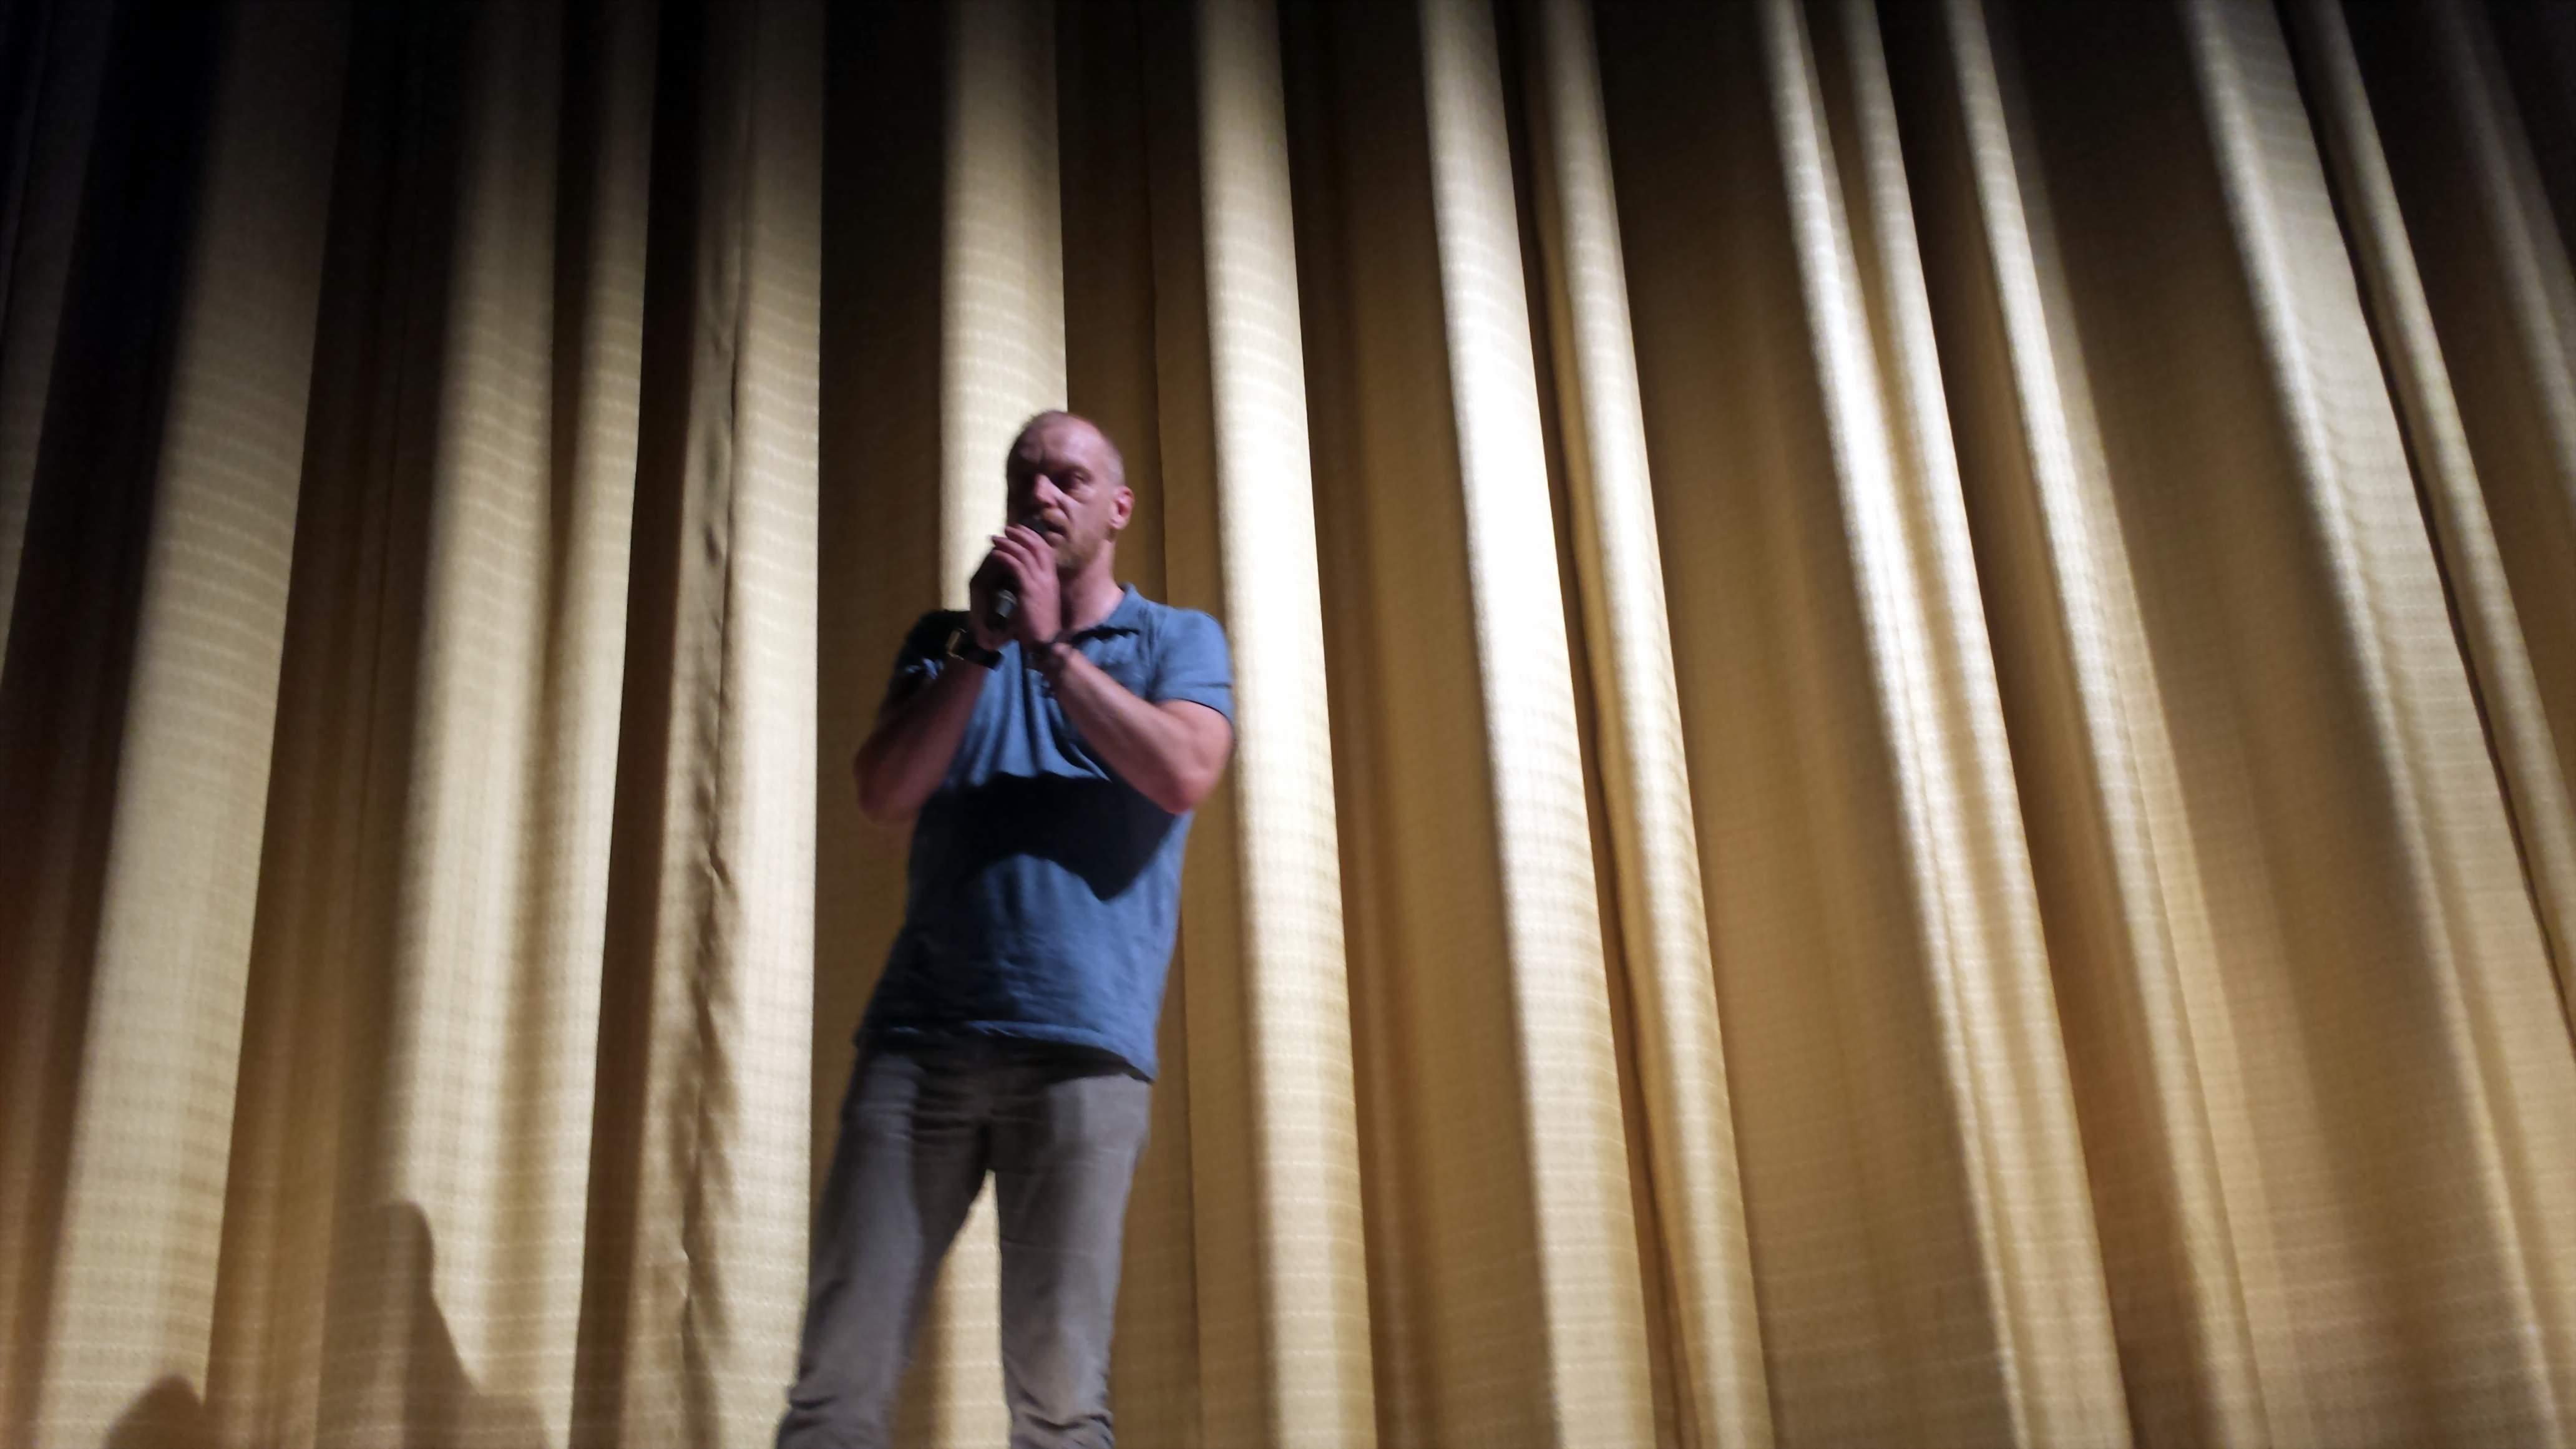 Mark Bartalmai beantwortet nach der Filmvorführung Fragen der Zuschauer; Foto: C.-D. Stille